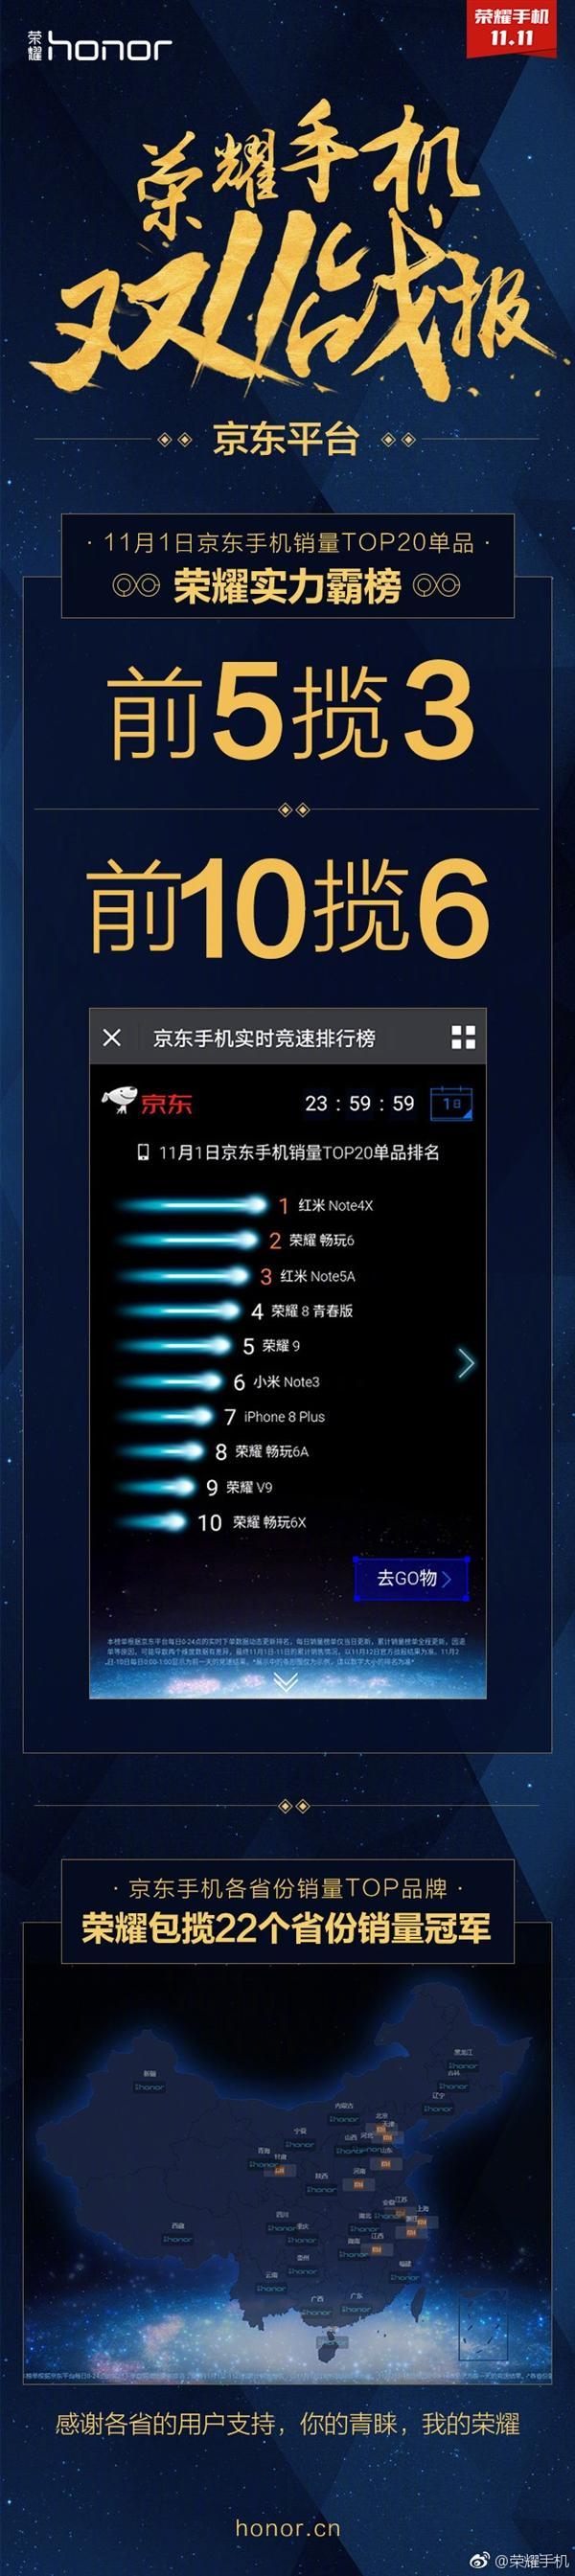 京东双11手机单品销量Top 10:荣耀手机占6款